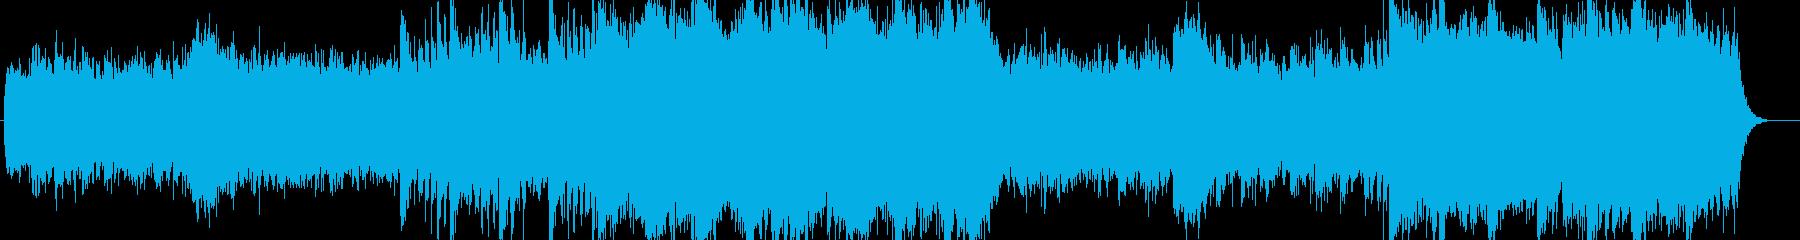 晴れやかでゆったりしたシンセサイザー楽曲の再生済みの波形